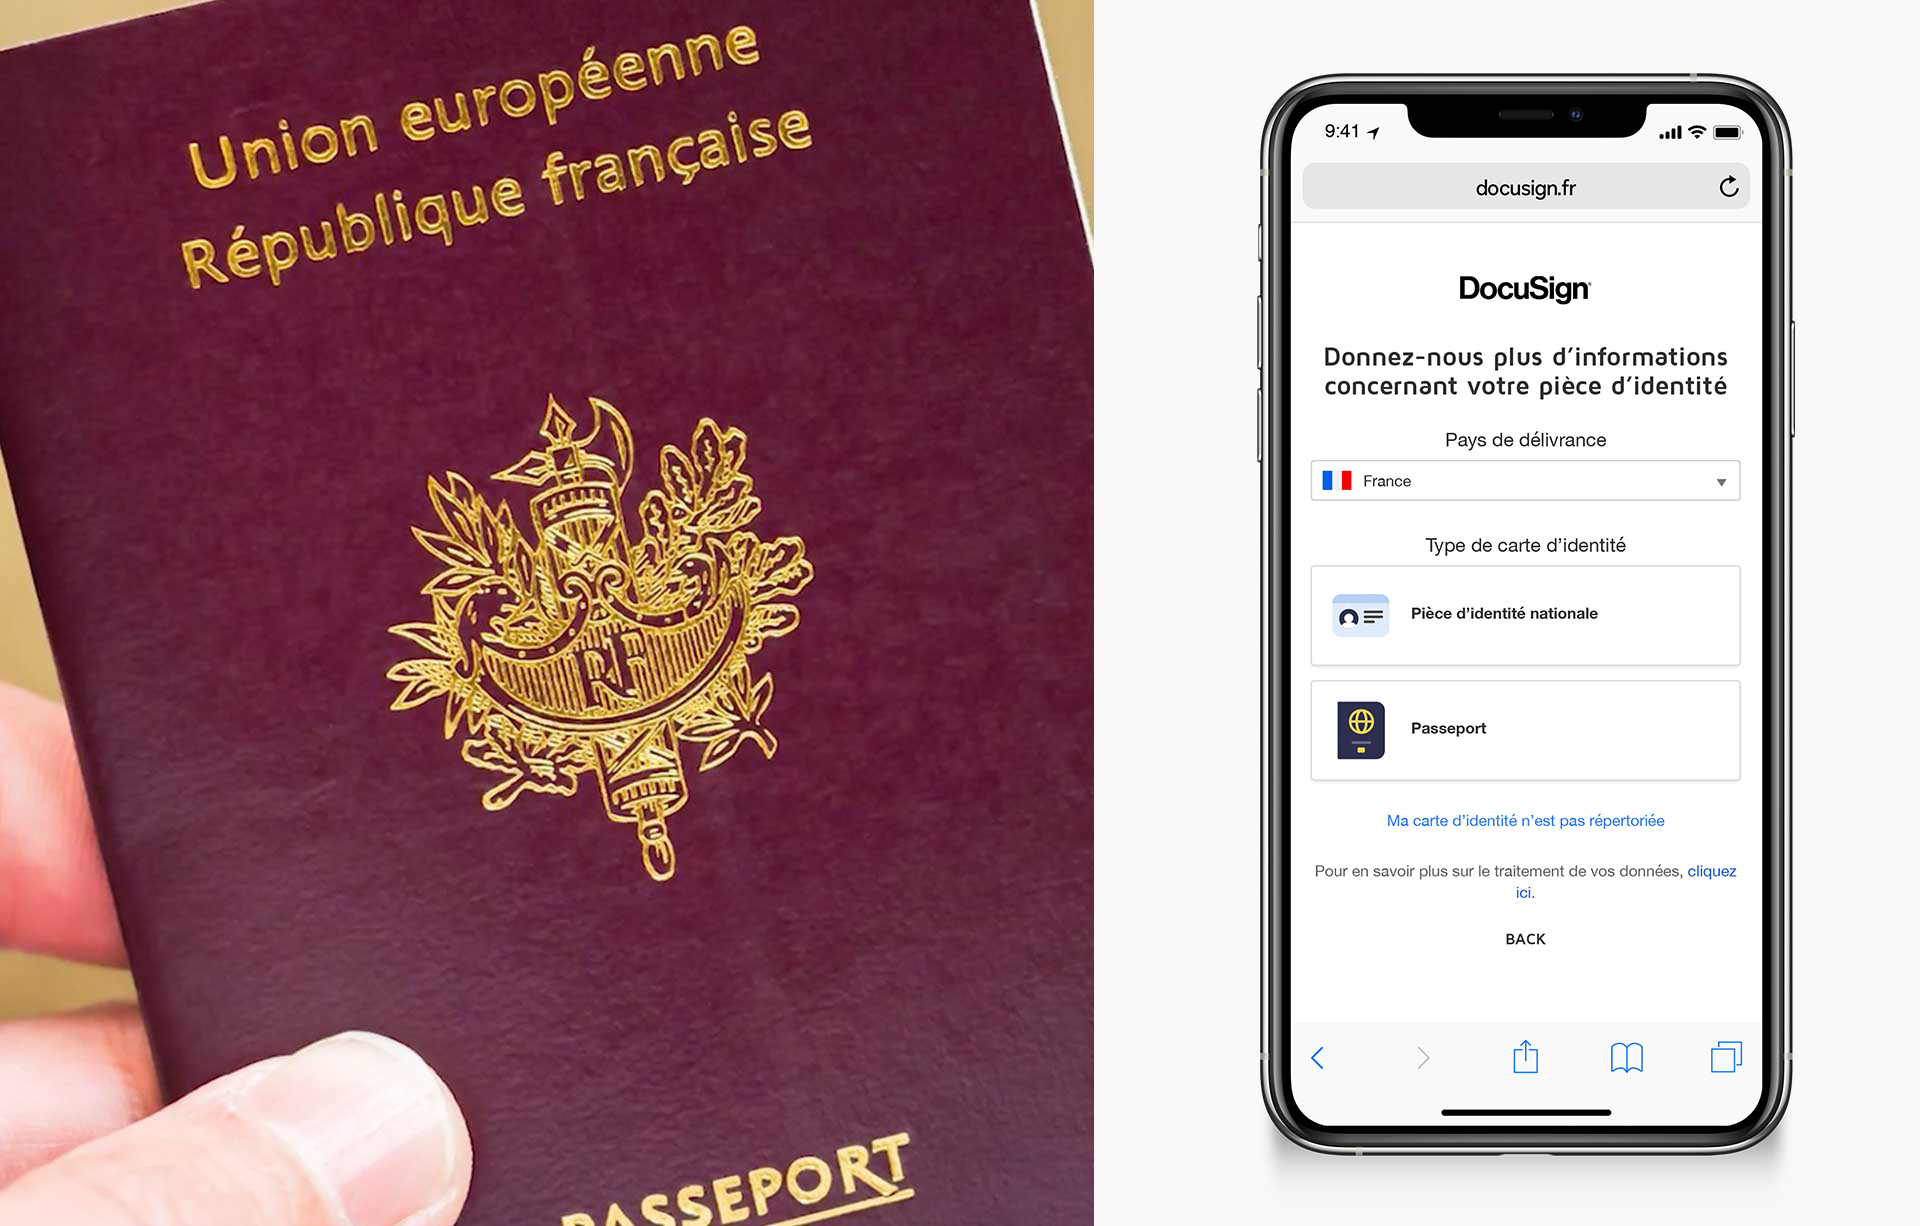 """Une image montrant une main tenant un passeport à gauche et à droite un téléphone invitant à """"Partagez votre identité"""""""